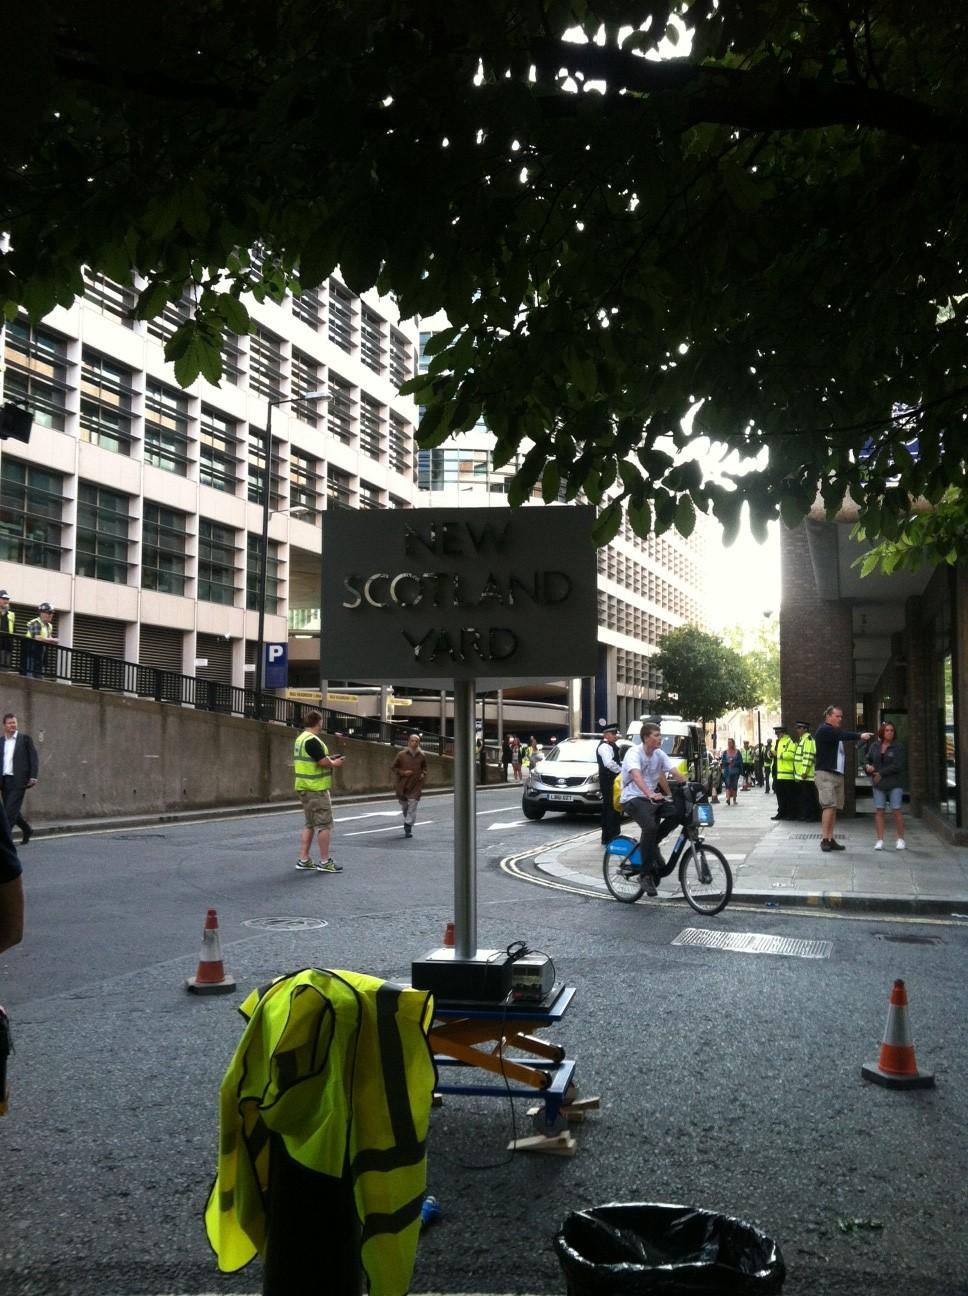 Elementary Begins Filming In London